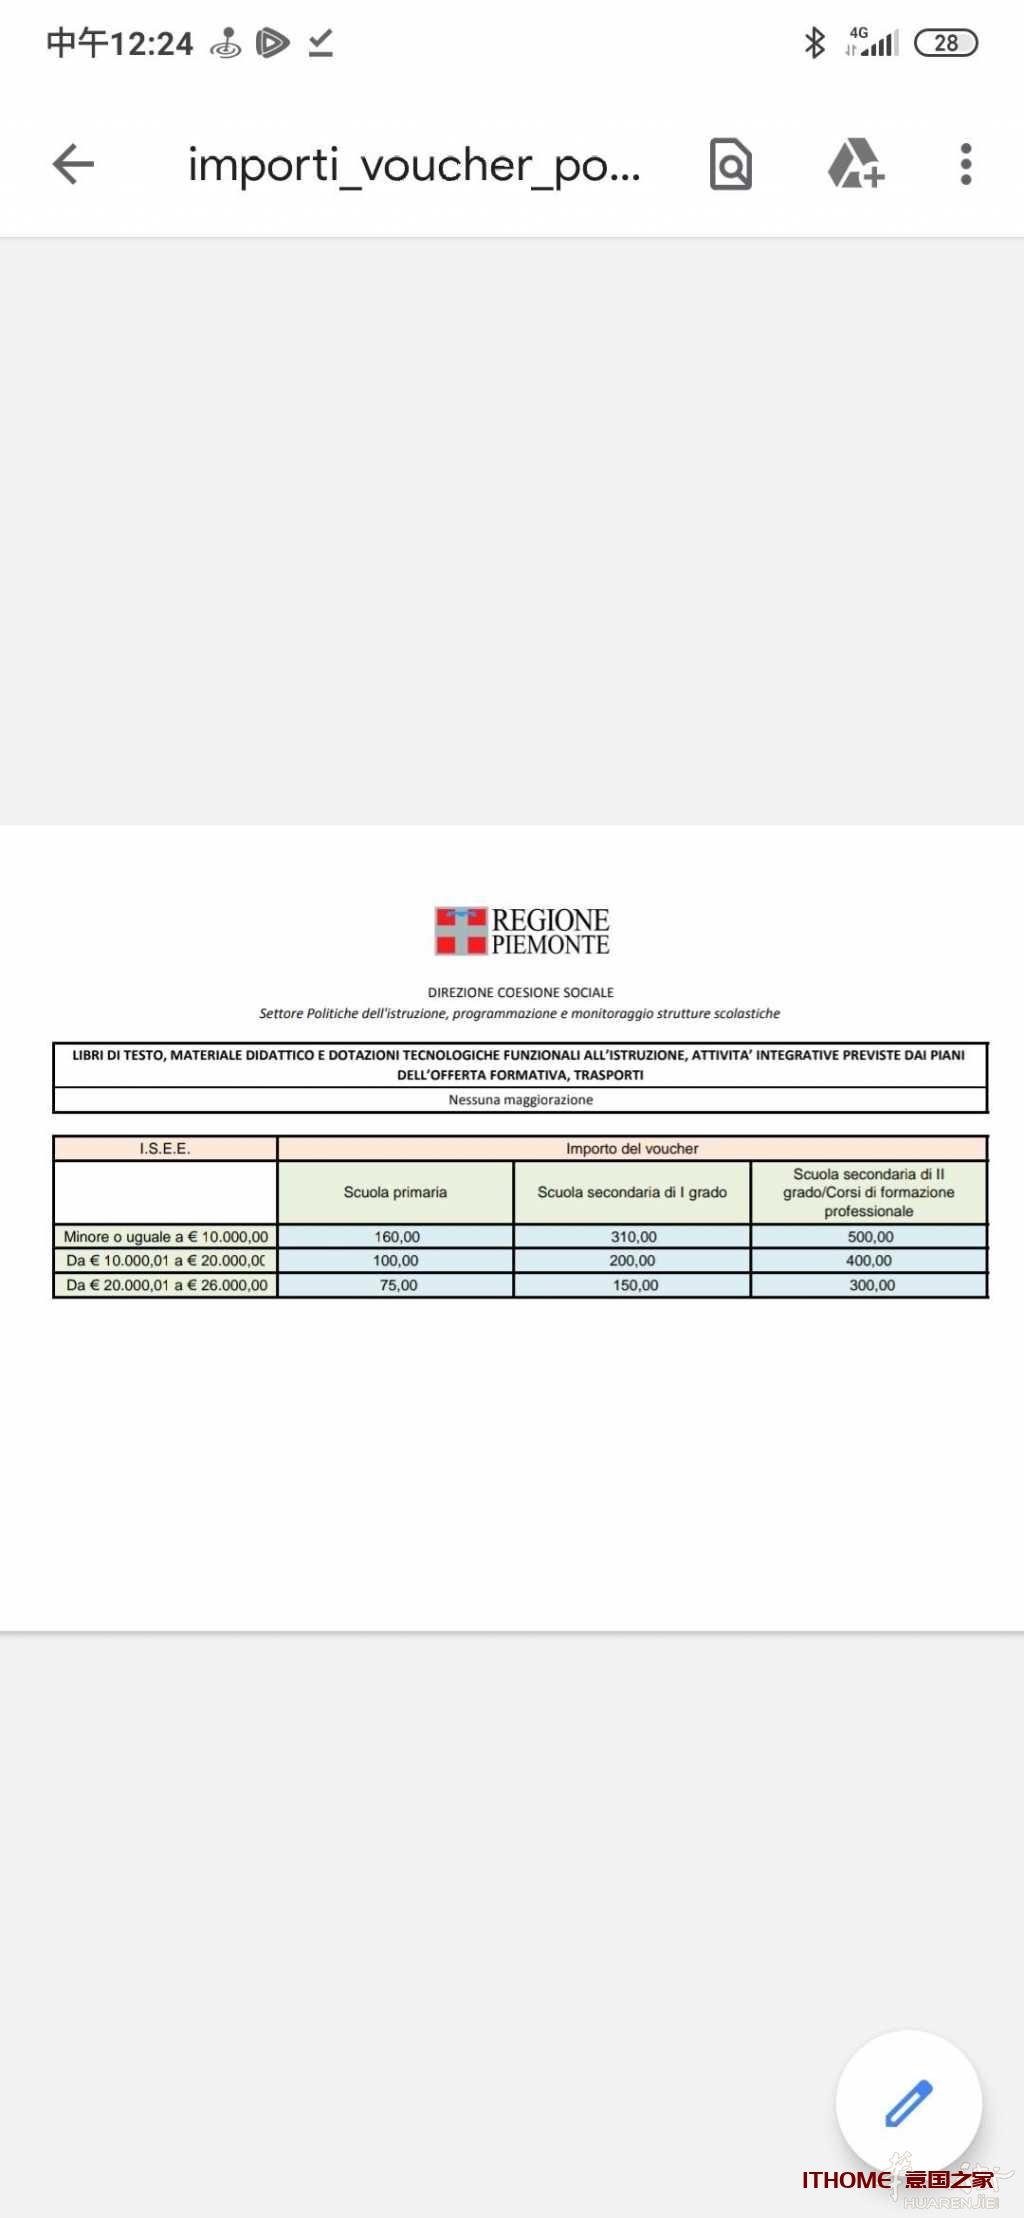 意大利教育补贴2020/2021申请步骤 生活百科 第4张